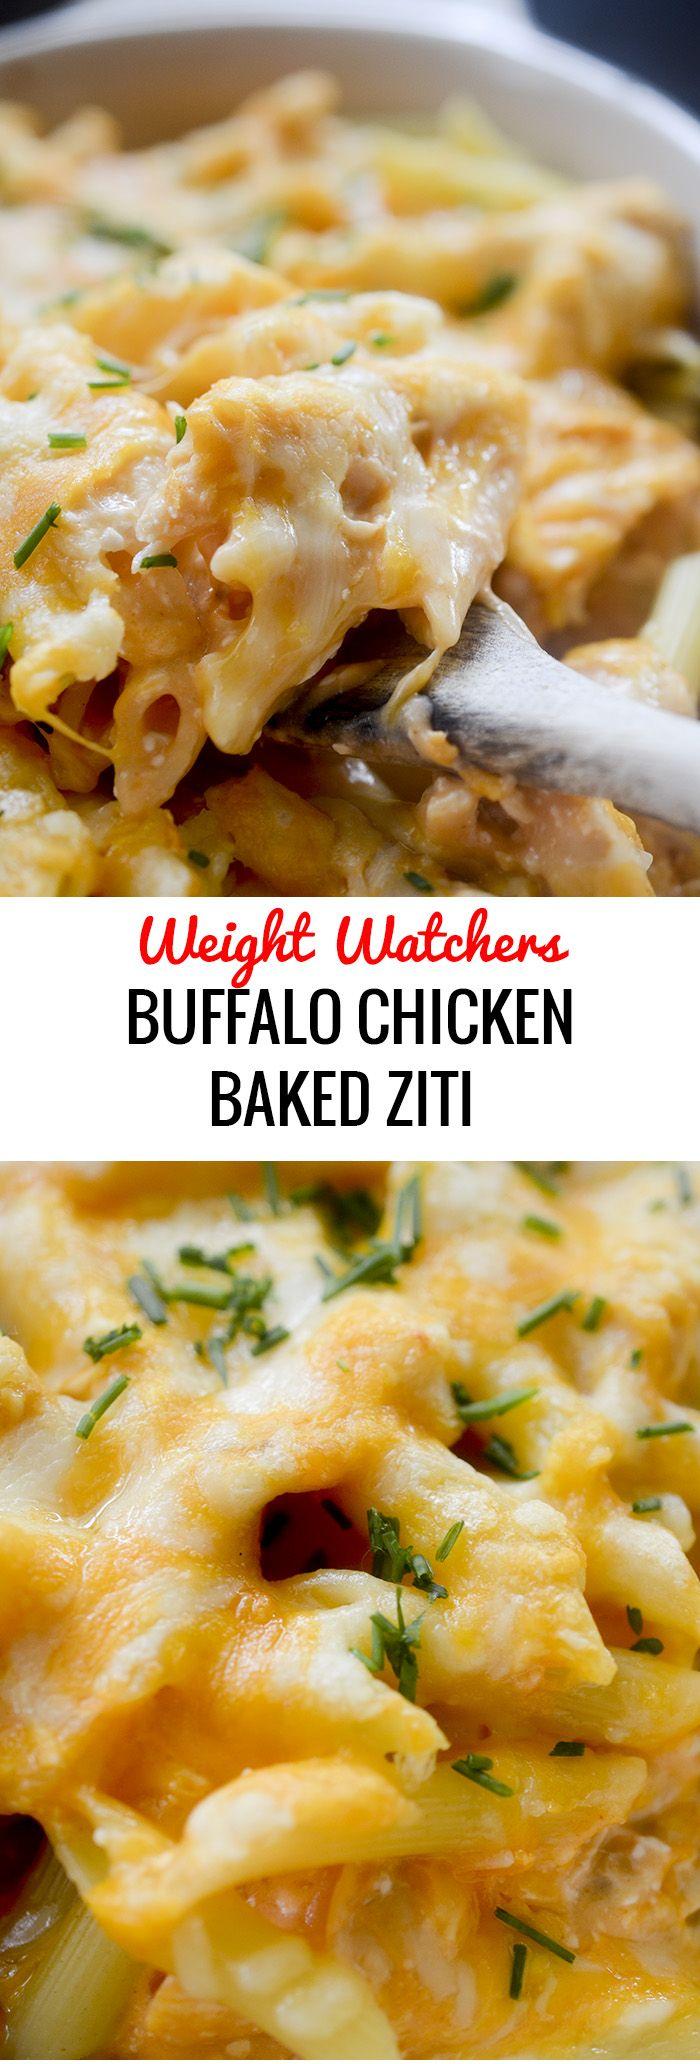 Buffalo Chicken Baked Ziti – Weight Watchers